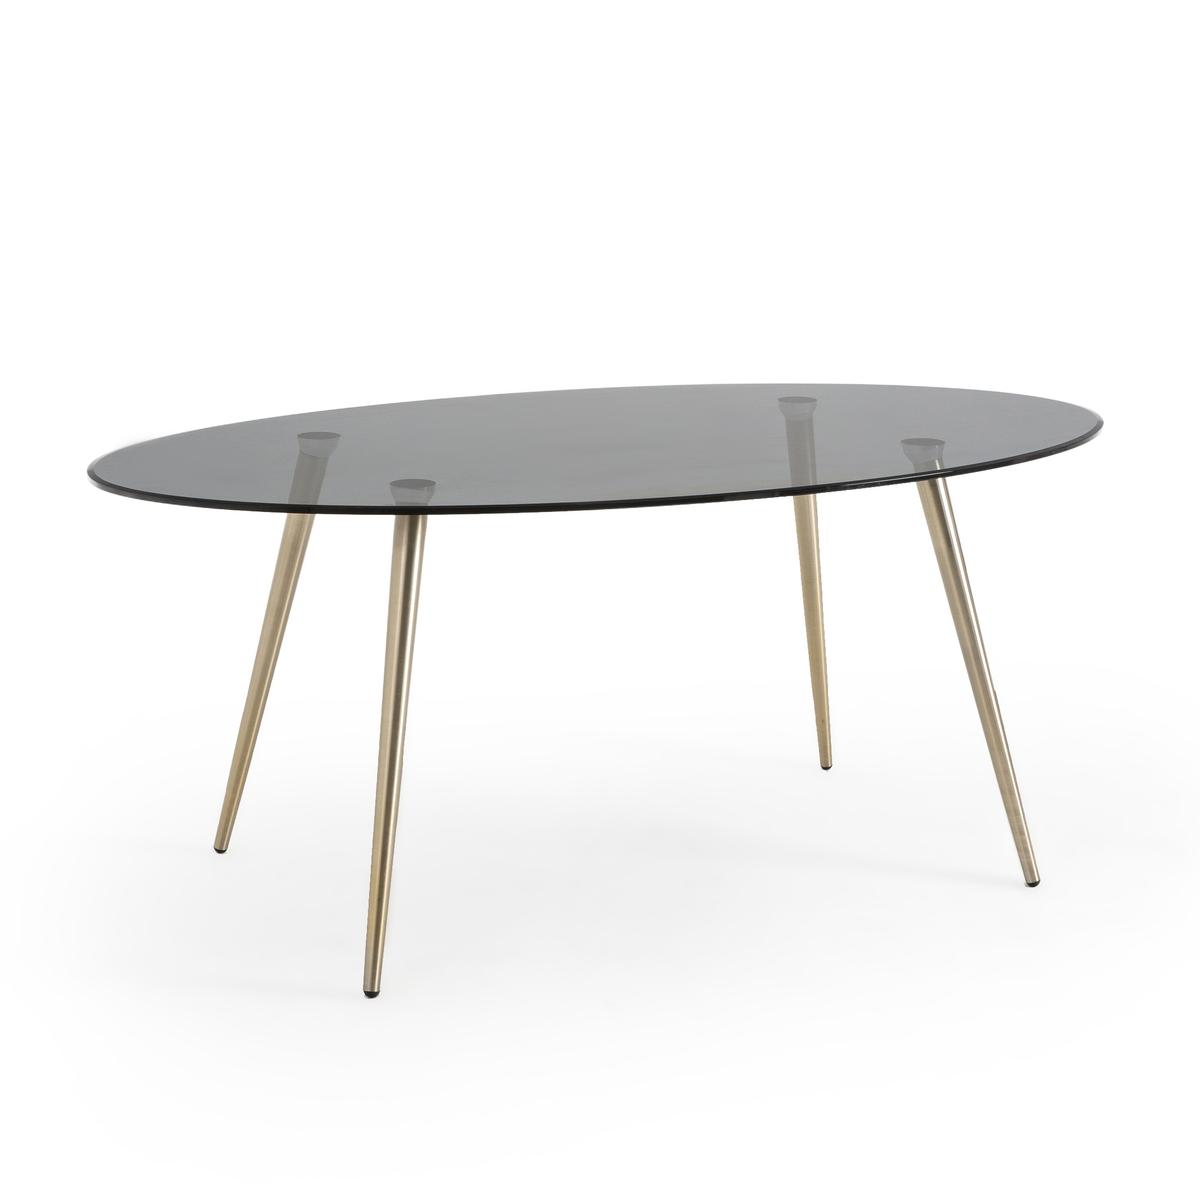 Стол LaRedoute Обеденный овальный на 6-8 персон Topim 8 персоны черный круглый laredoute стол на 4 8 персон authentic style 8 персоны белый